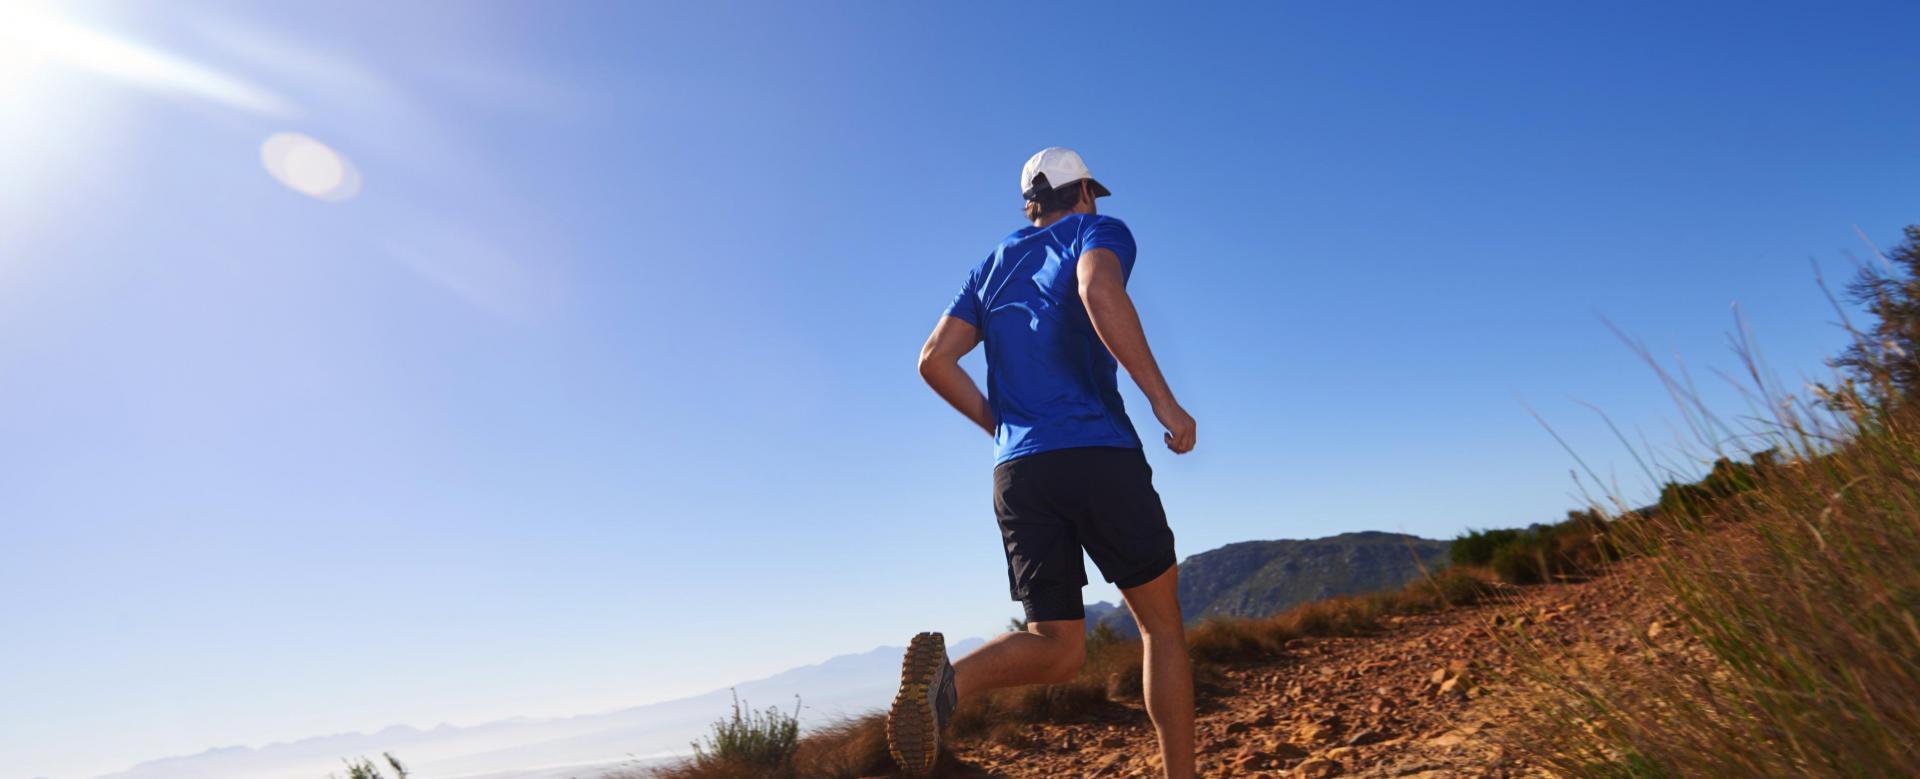 Voyage à pied Espagne : Trail collioure-cadaqués en liberté